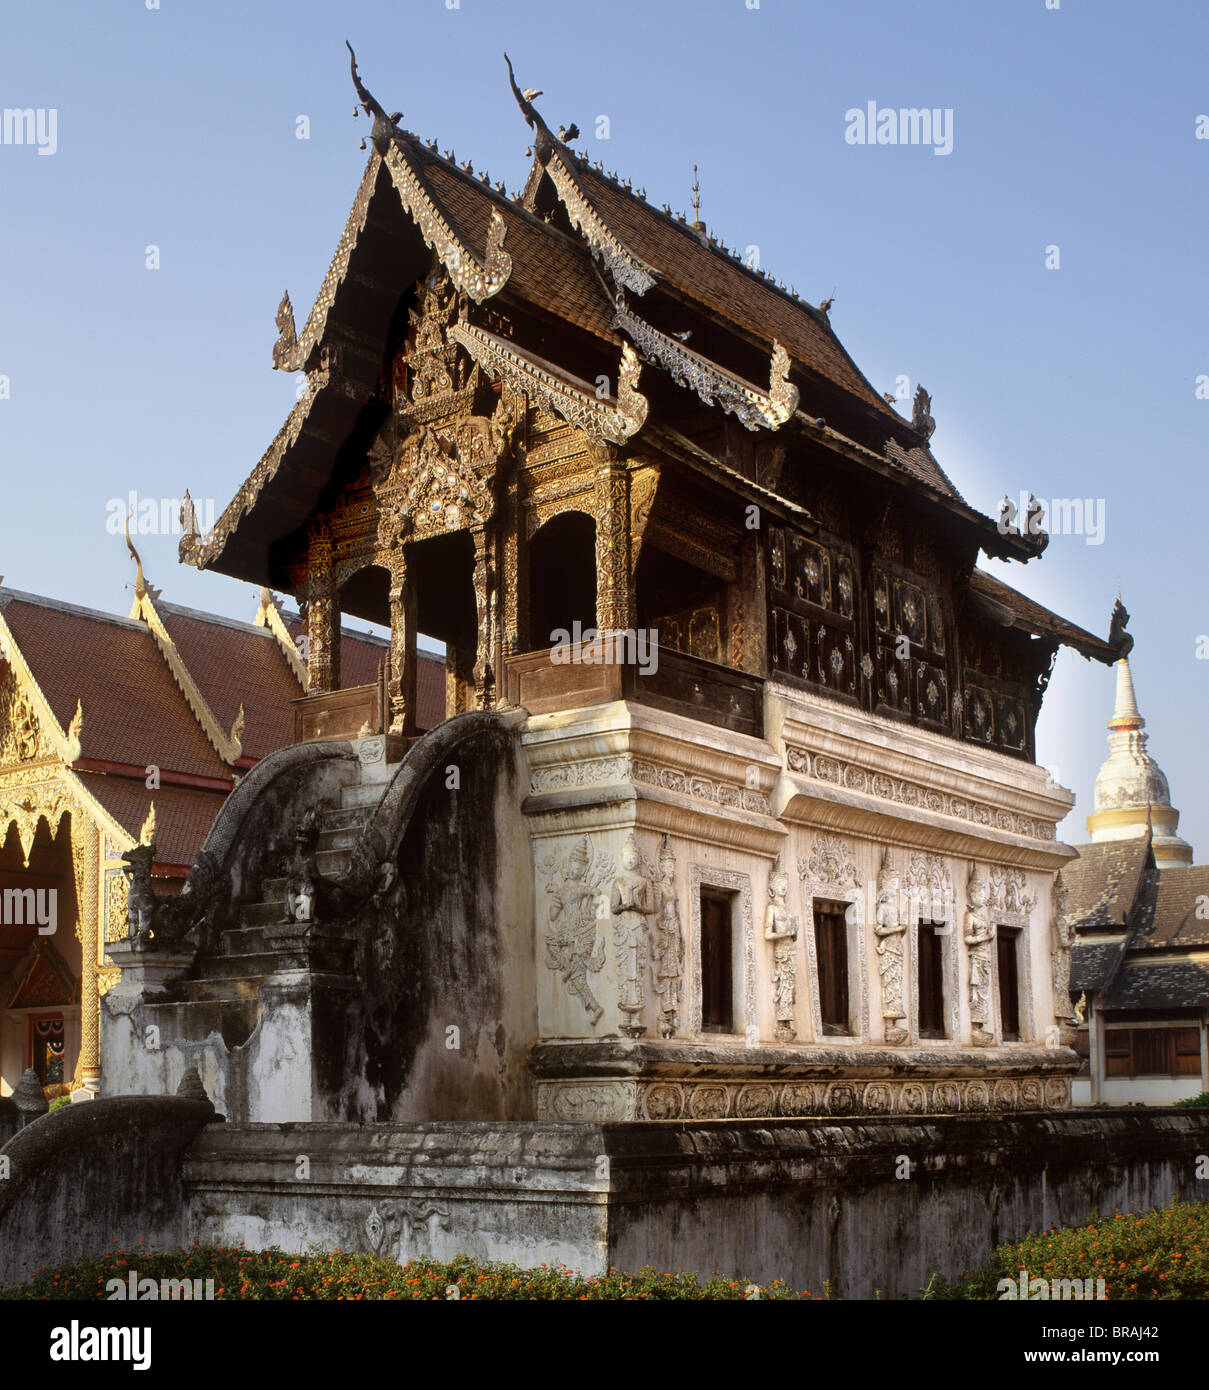 La Biblioteca de Manuscritos de Wat Phra Singh, Chiang Mai, Tailandia, en el sudeste de Asia, Asia Foto de stock